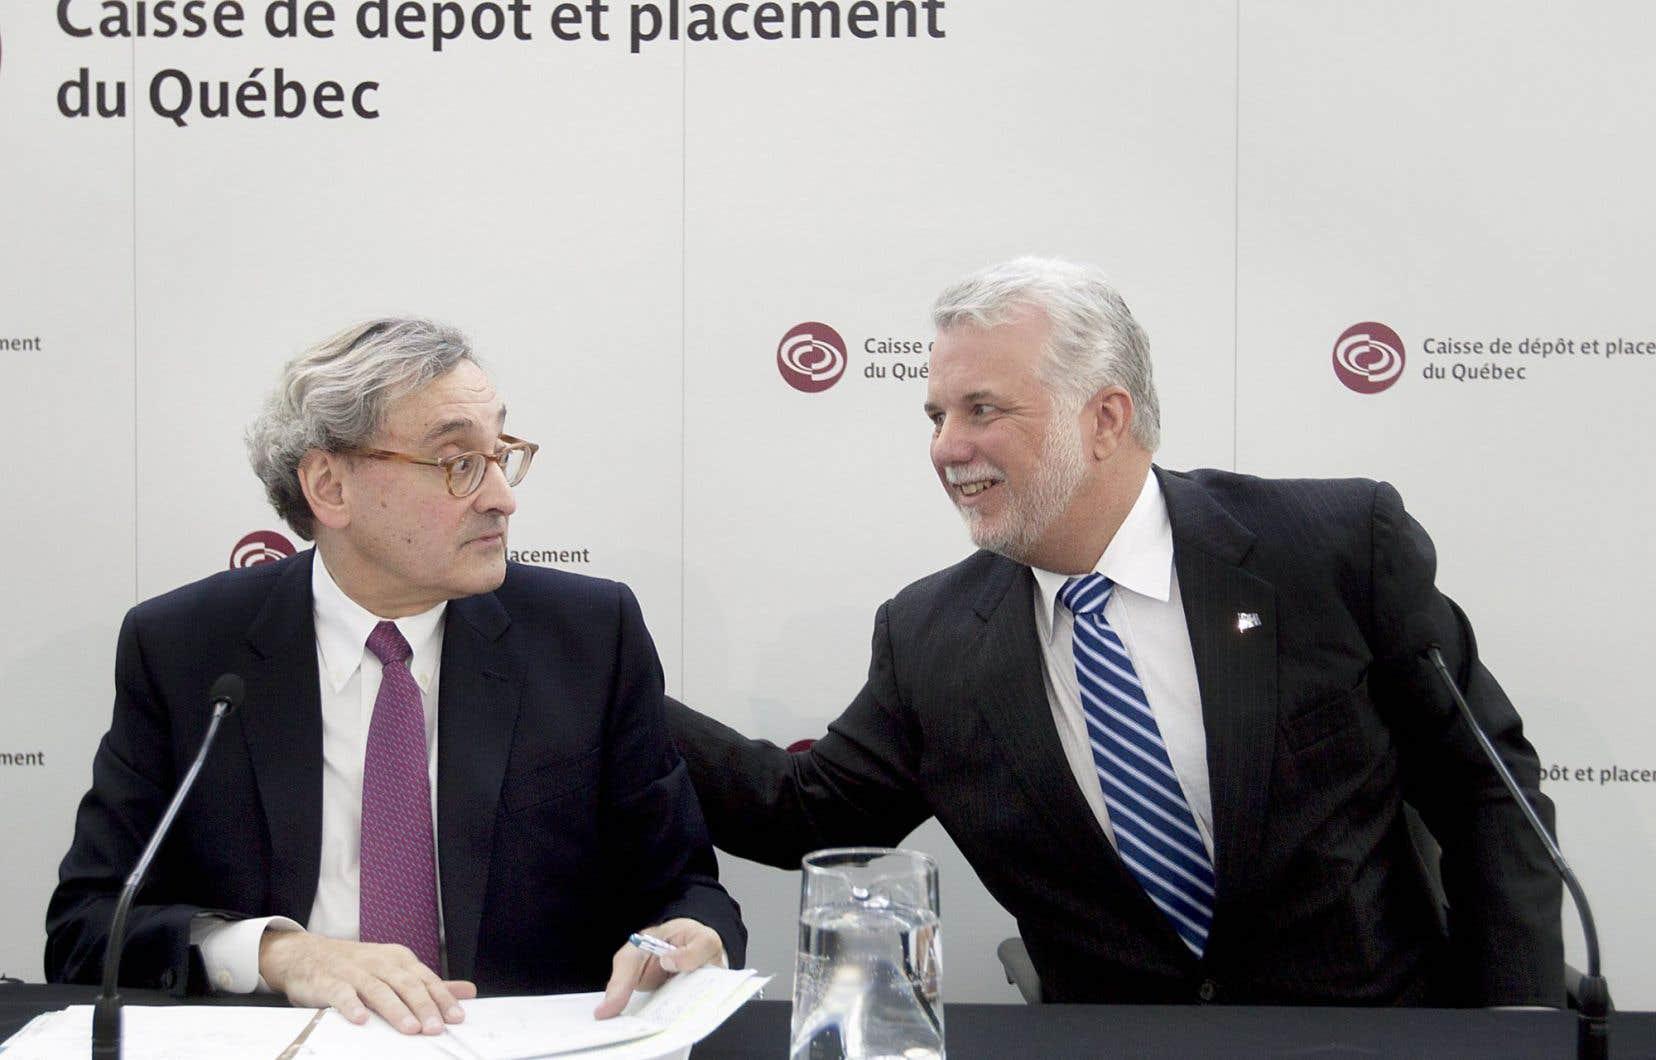 Le patron de la Caisse de dépôt et placement, Michael Sabia, et le premier ministre, Philippe Couillard, lors de la conférence de presse portant sur le nouveau rôle confié au gestionnaire.